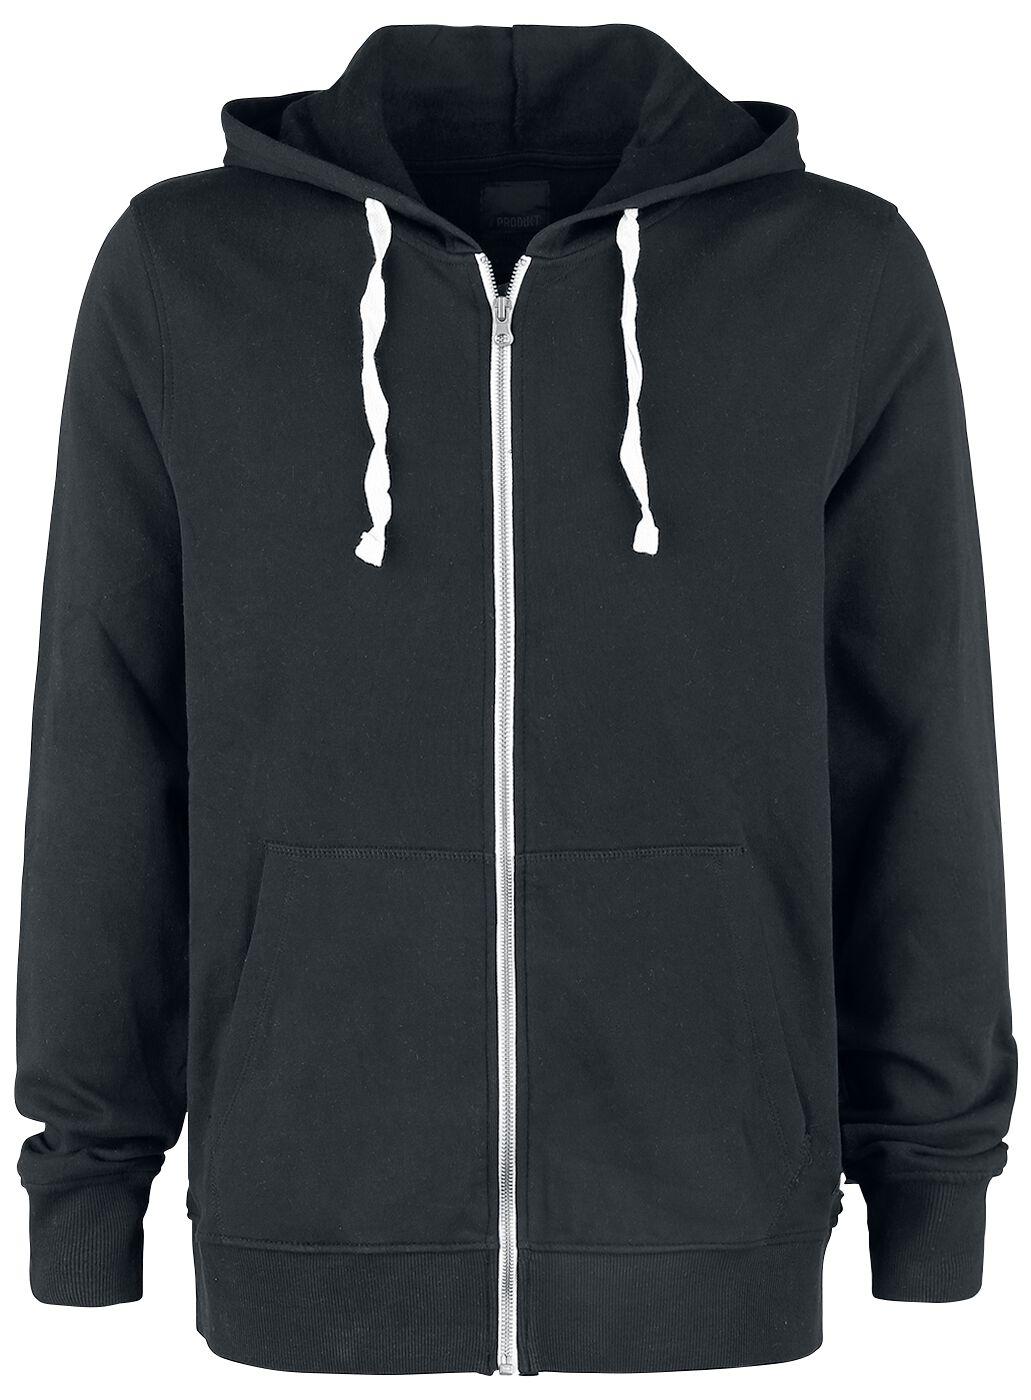 Marki - Bluzy z kapturem - Bluza z kapturem rozpinana Produkt Basic Cardigan Sweat Bluza z kapturem rozpinana czarny - 354914